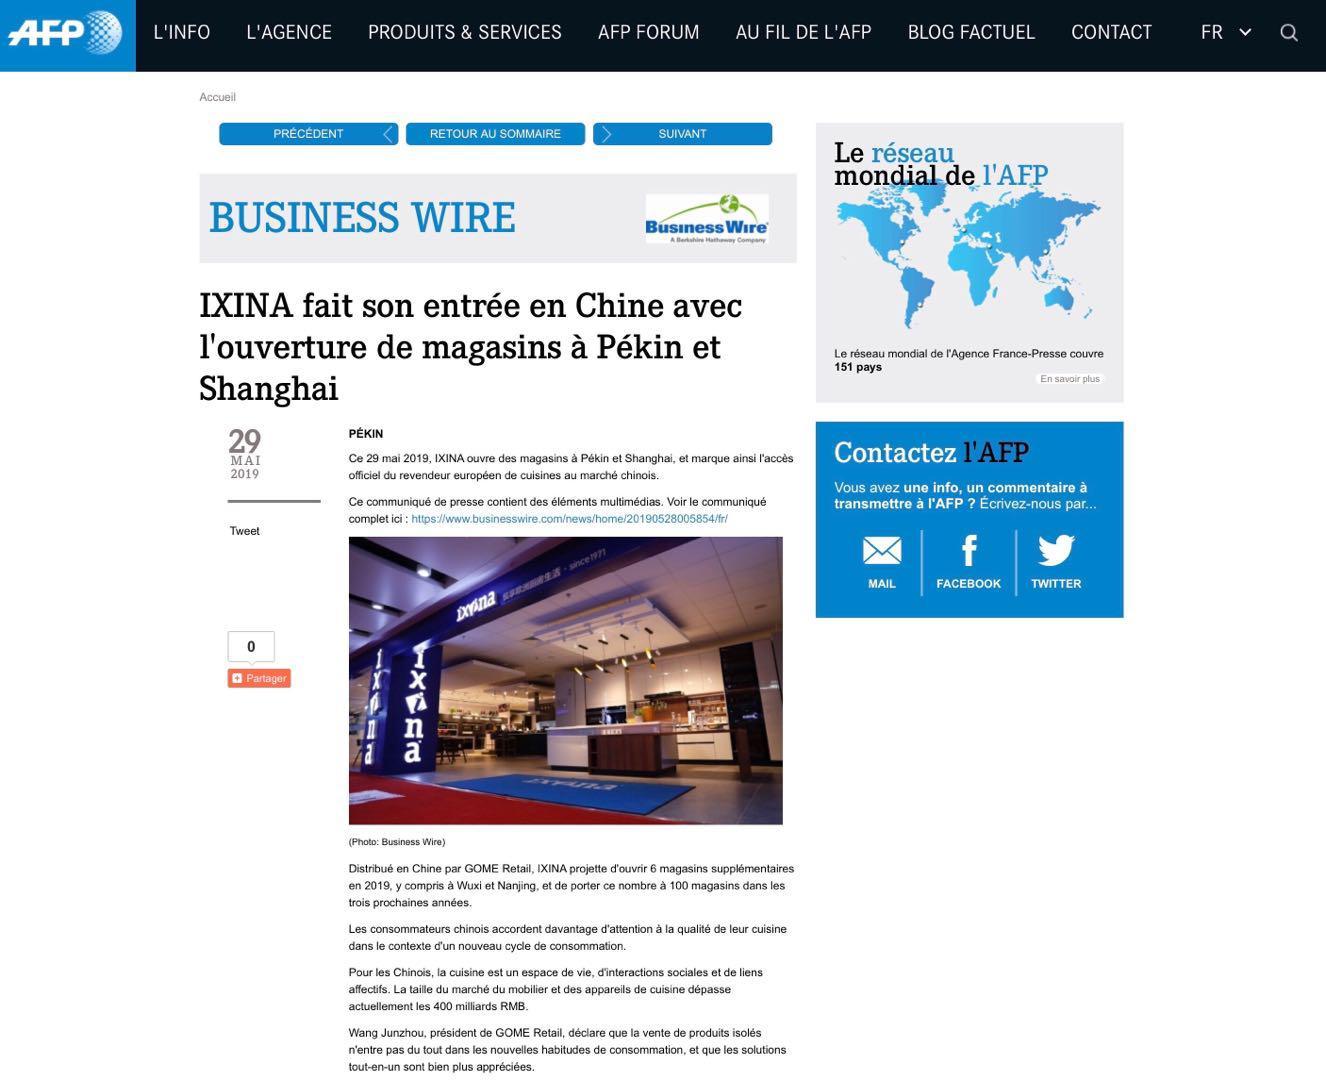 法新社:国美引进欧洲最大橱柜厨电一体化连锁零